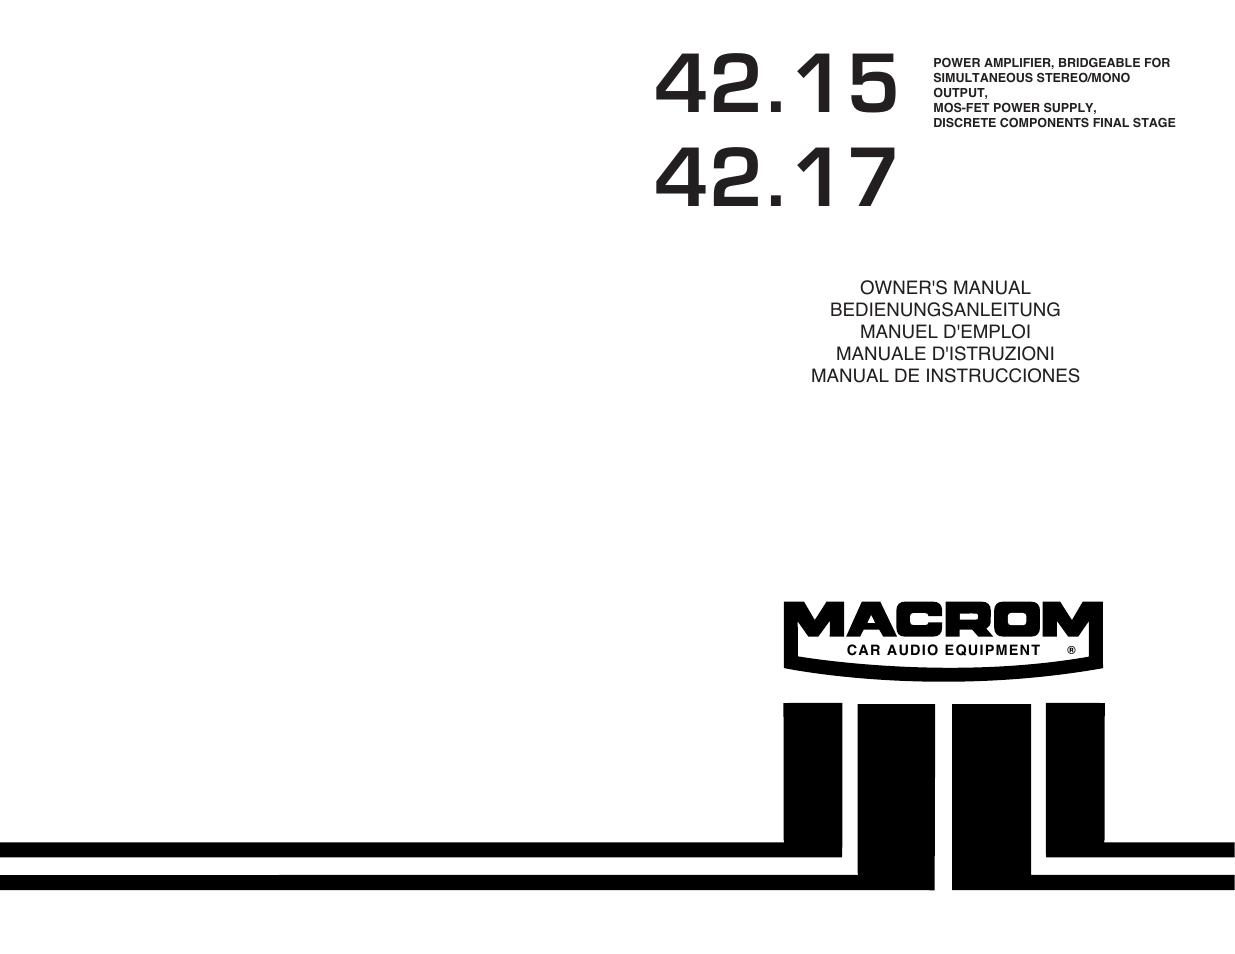 macrom 42 15 user manual